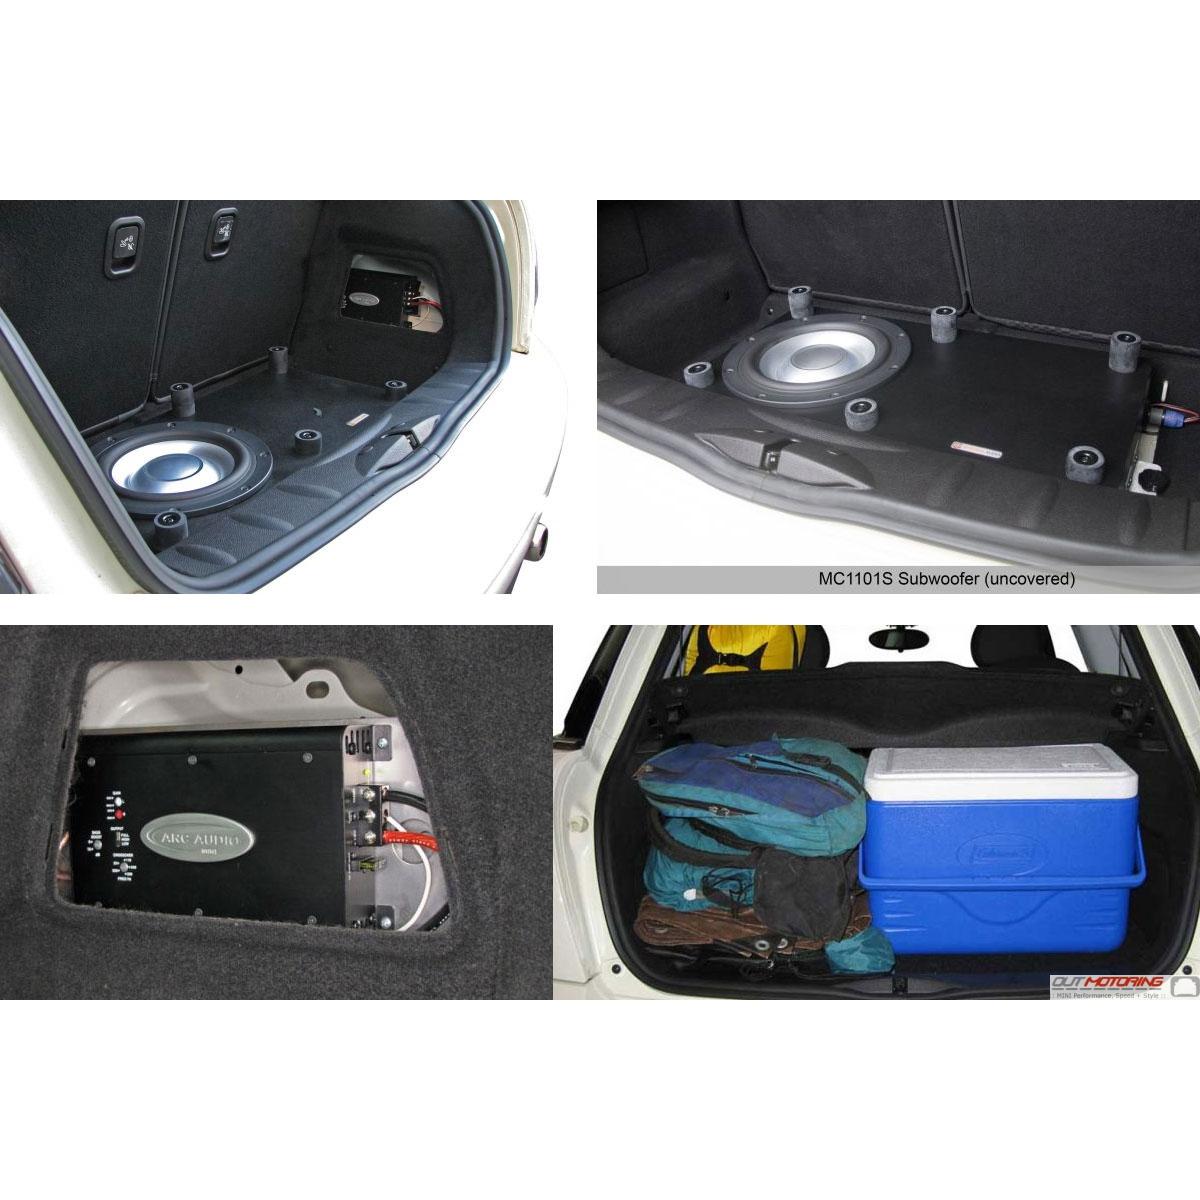 Mini Cooper Convertible For Sale >> MINI Cooper Bass Box and Amp Kit - MINI Cooper Accessories ...